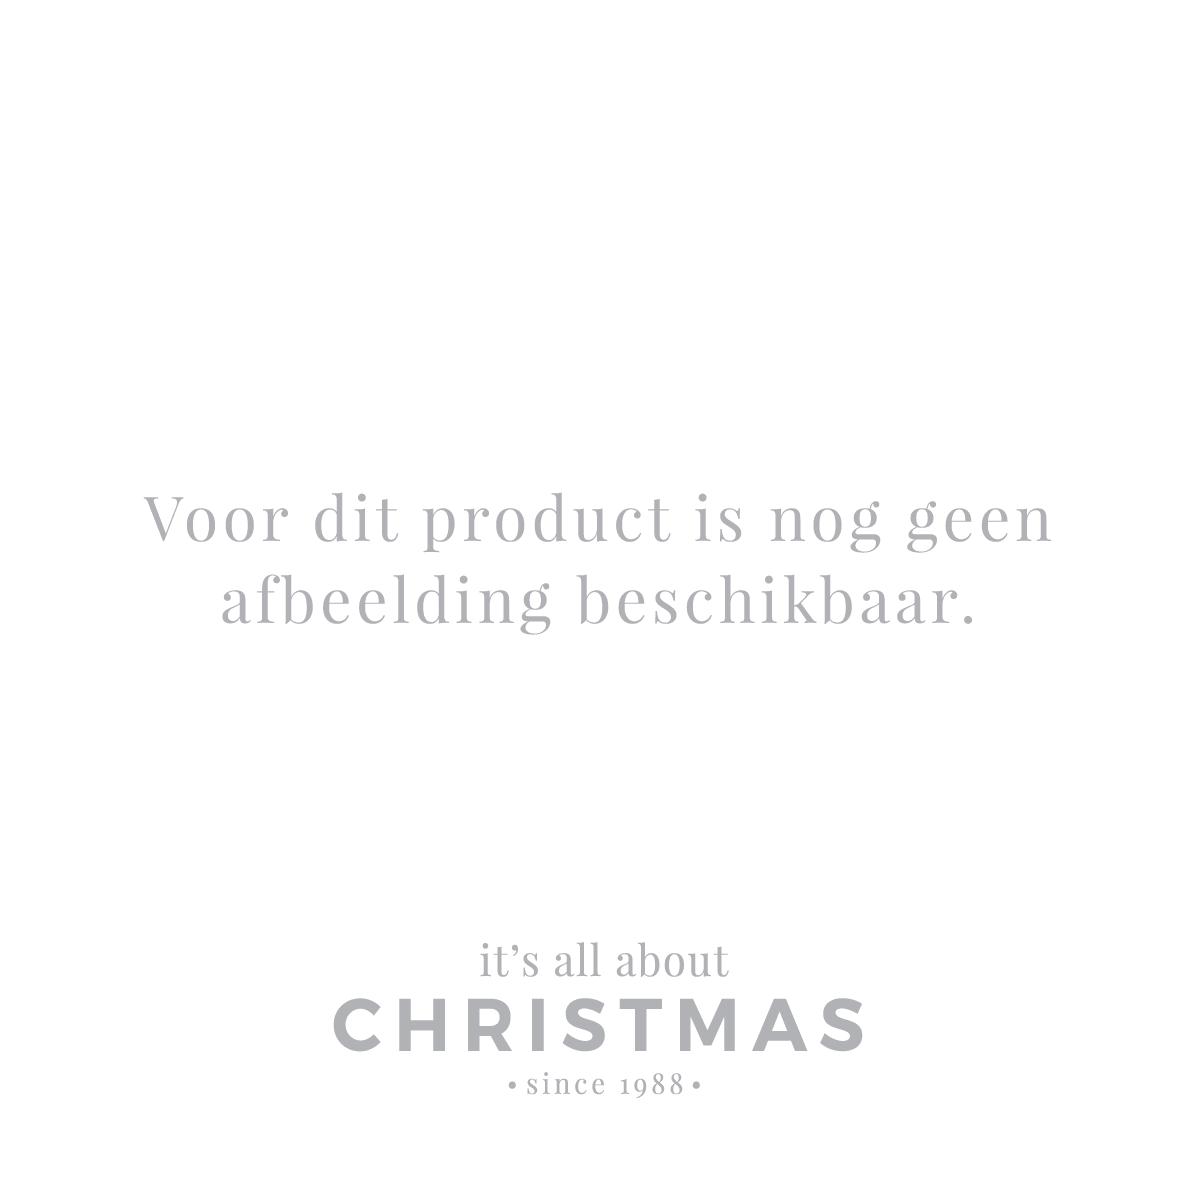 Fiber kerstboom bestellen? | Kerstversiering.nl